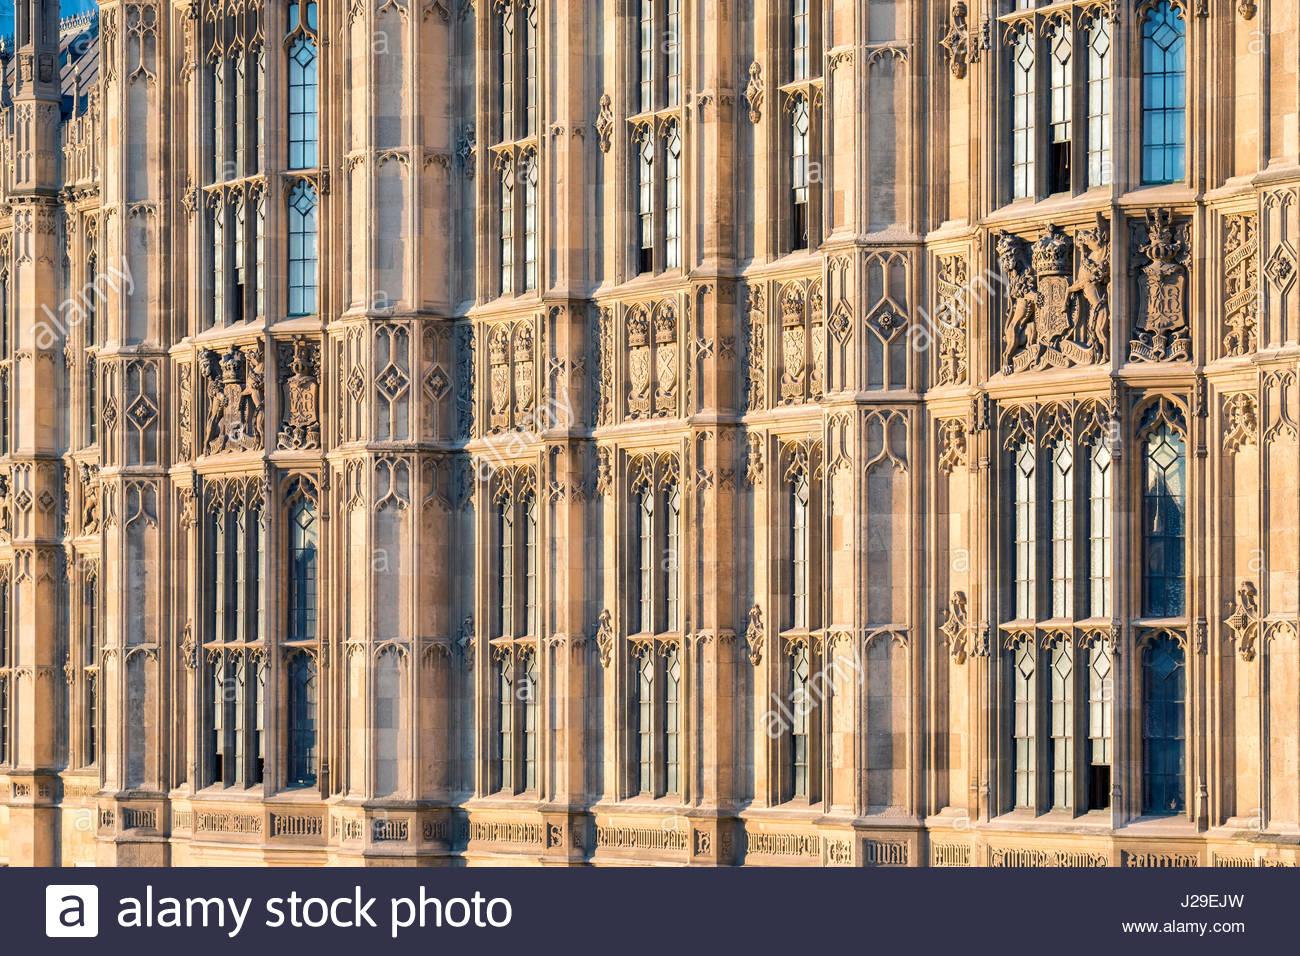 United Kingdom, England, London. Palast von Westminster, die Häuser des Parlaments des Vereinigten Königreichs, Stockbild